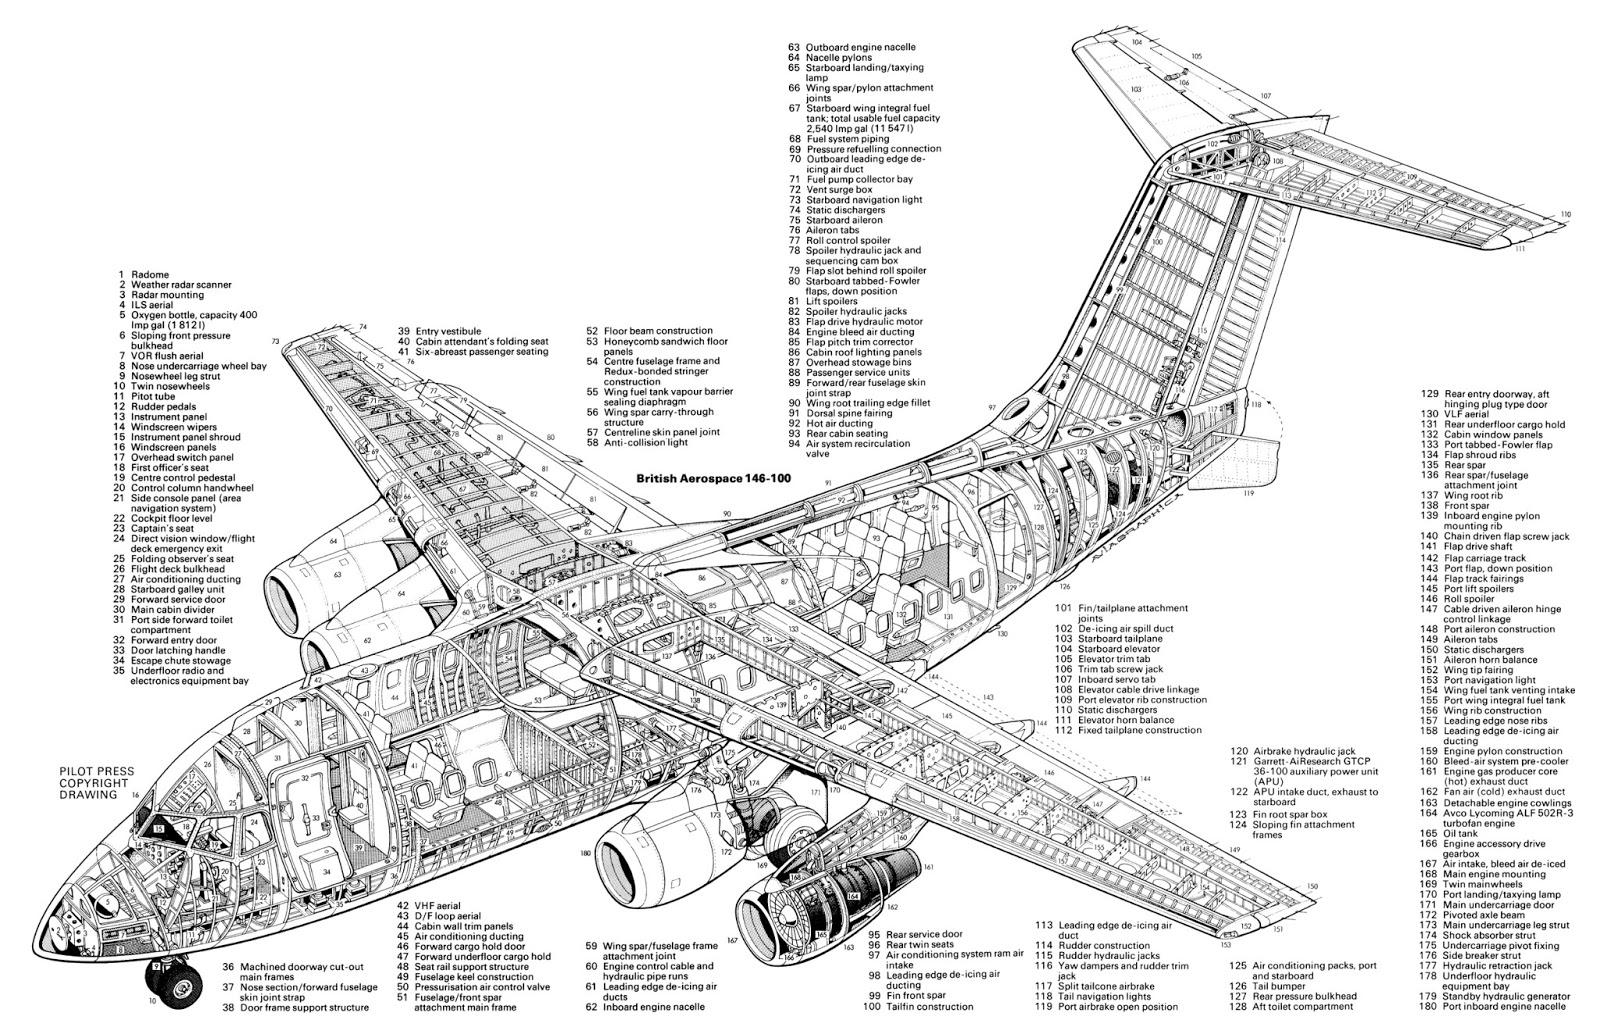 Thailandscale144 Bae146 100 Avro Rj70 Thai Airways